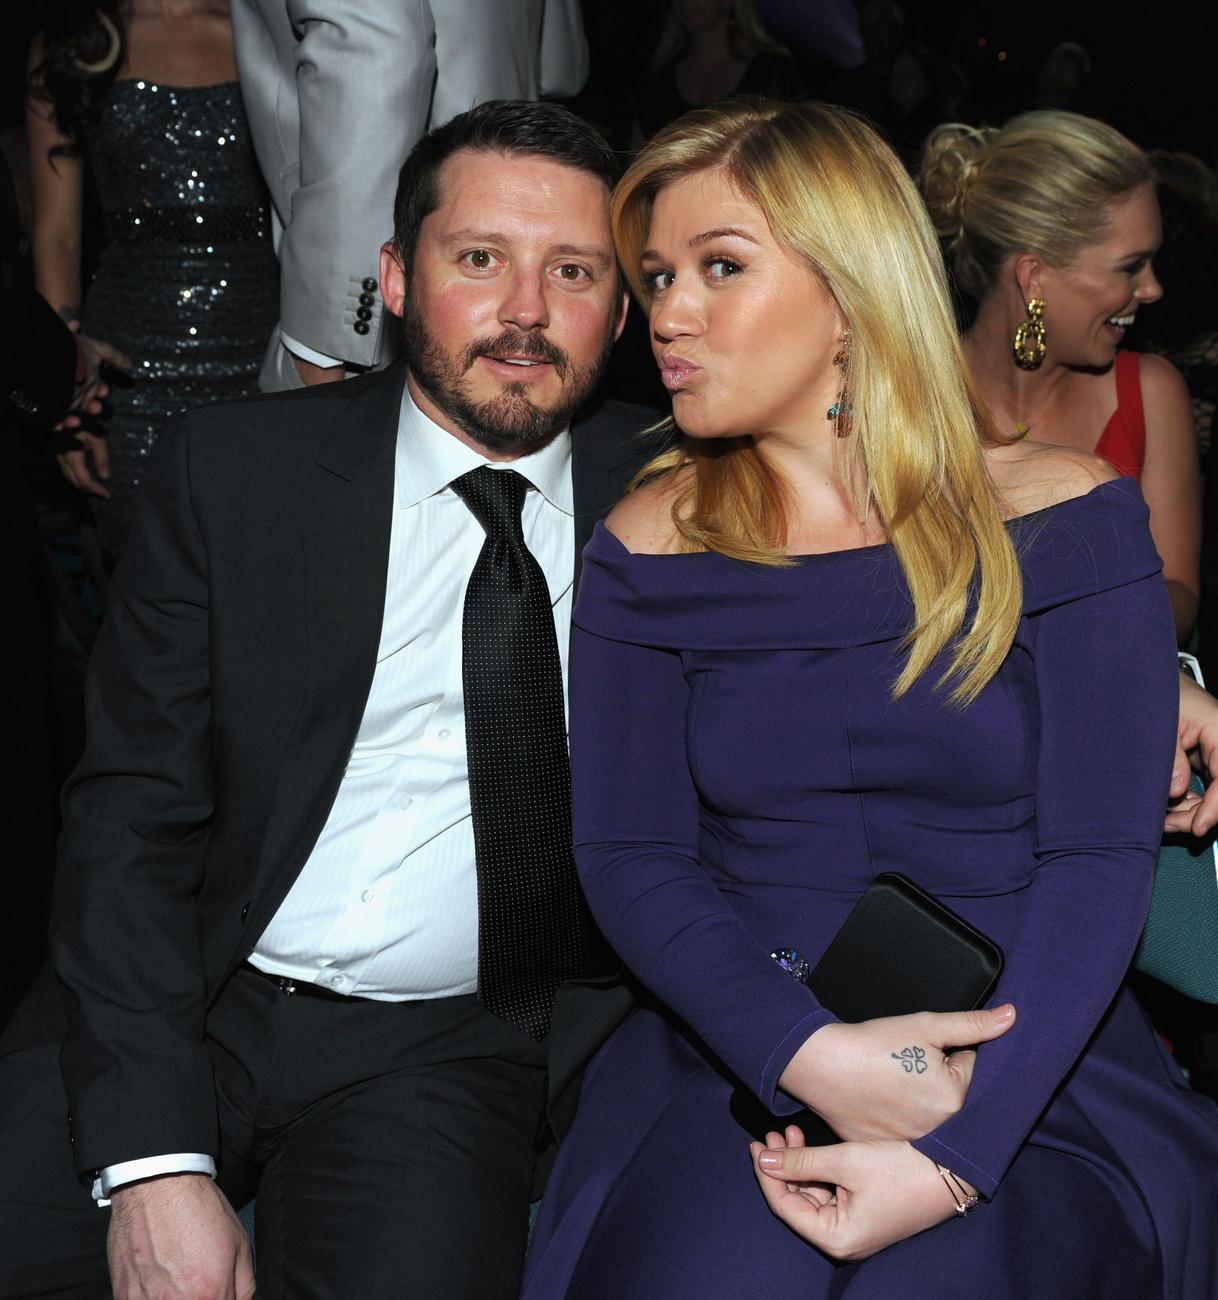 James Heerdegen eddig csak egy fahrtmester volt (angolul dolly grip, ha ez többet mond), október 26. óta viszont már Christina Ricci színésznő férje (is)